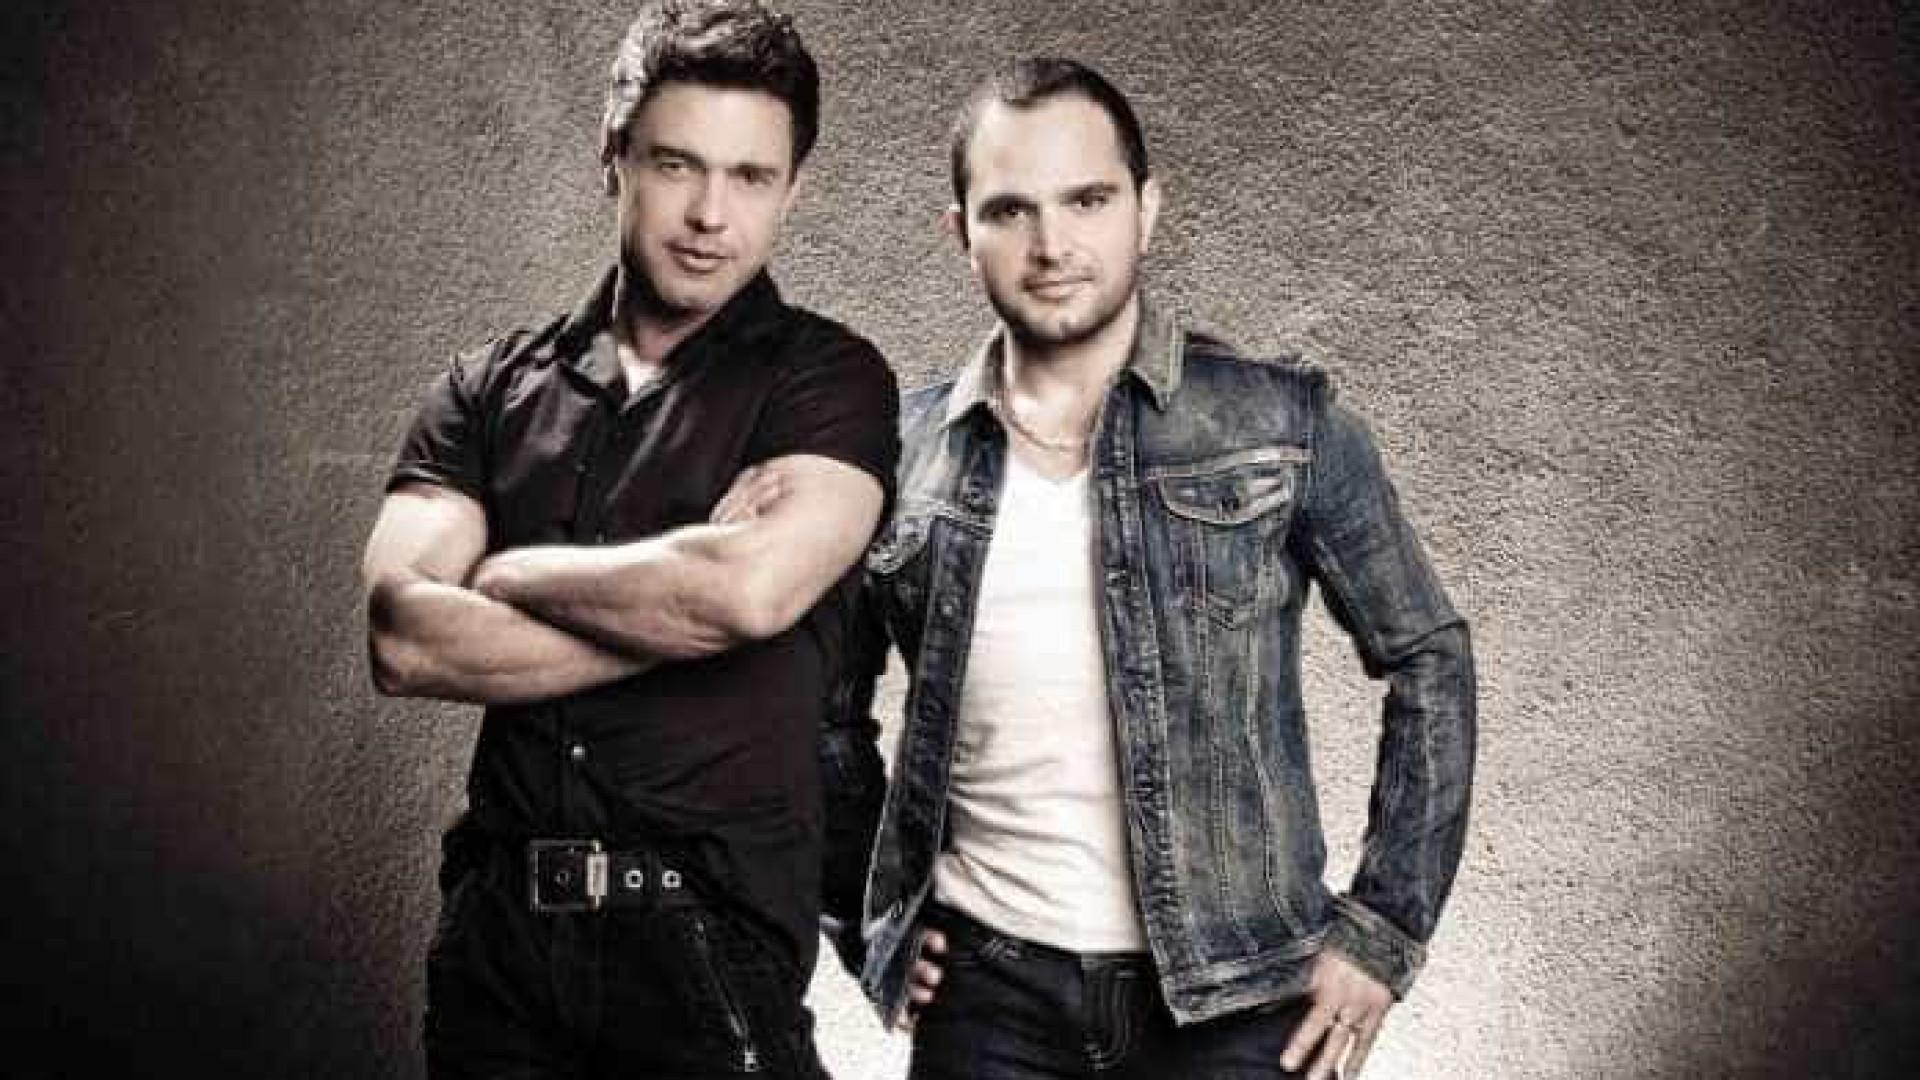 Zezé e Luciano são condenados a pagar R$ 1,75 milhão a músico